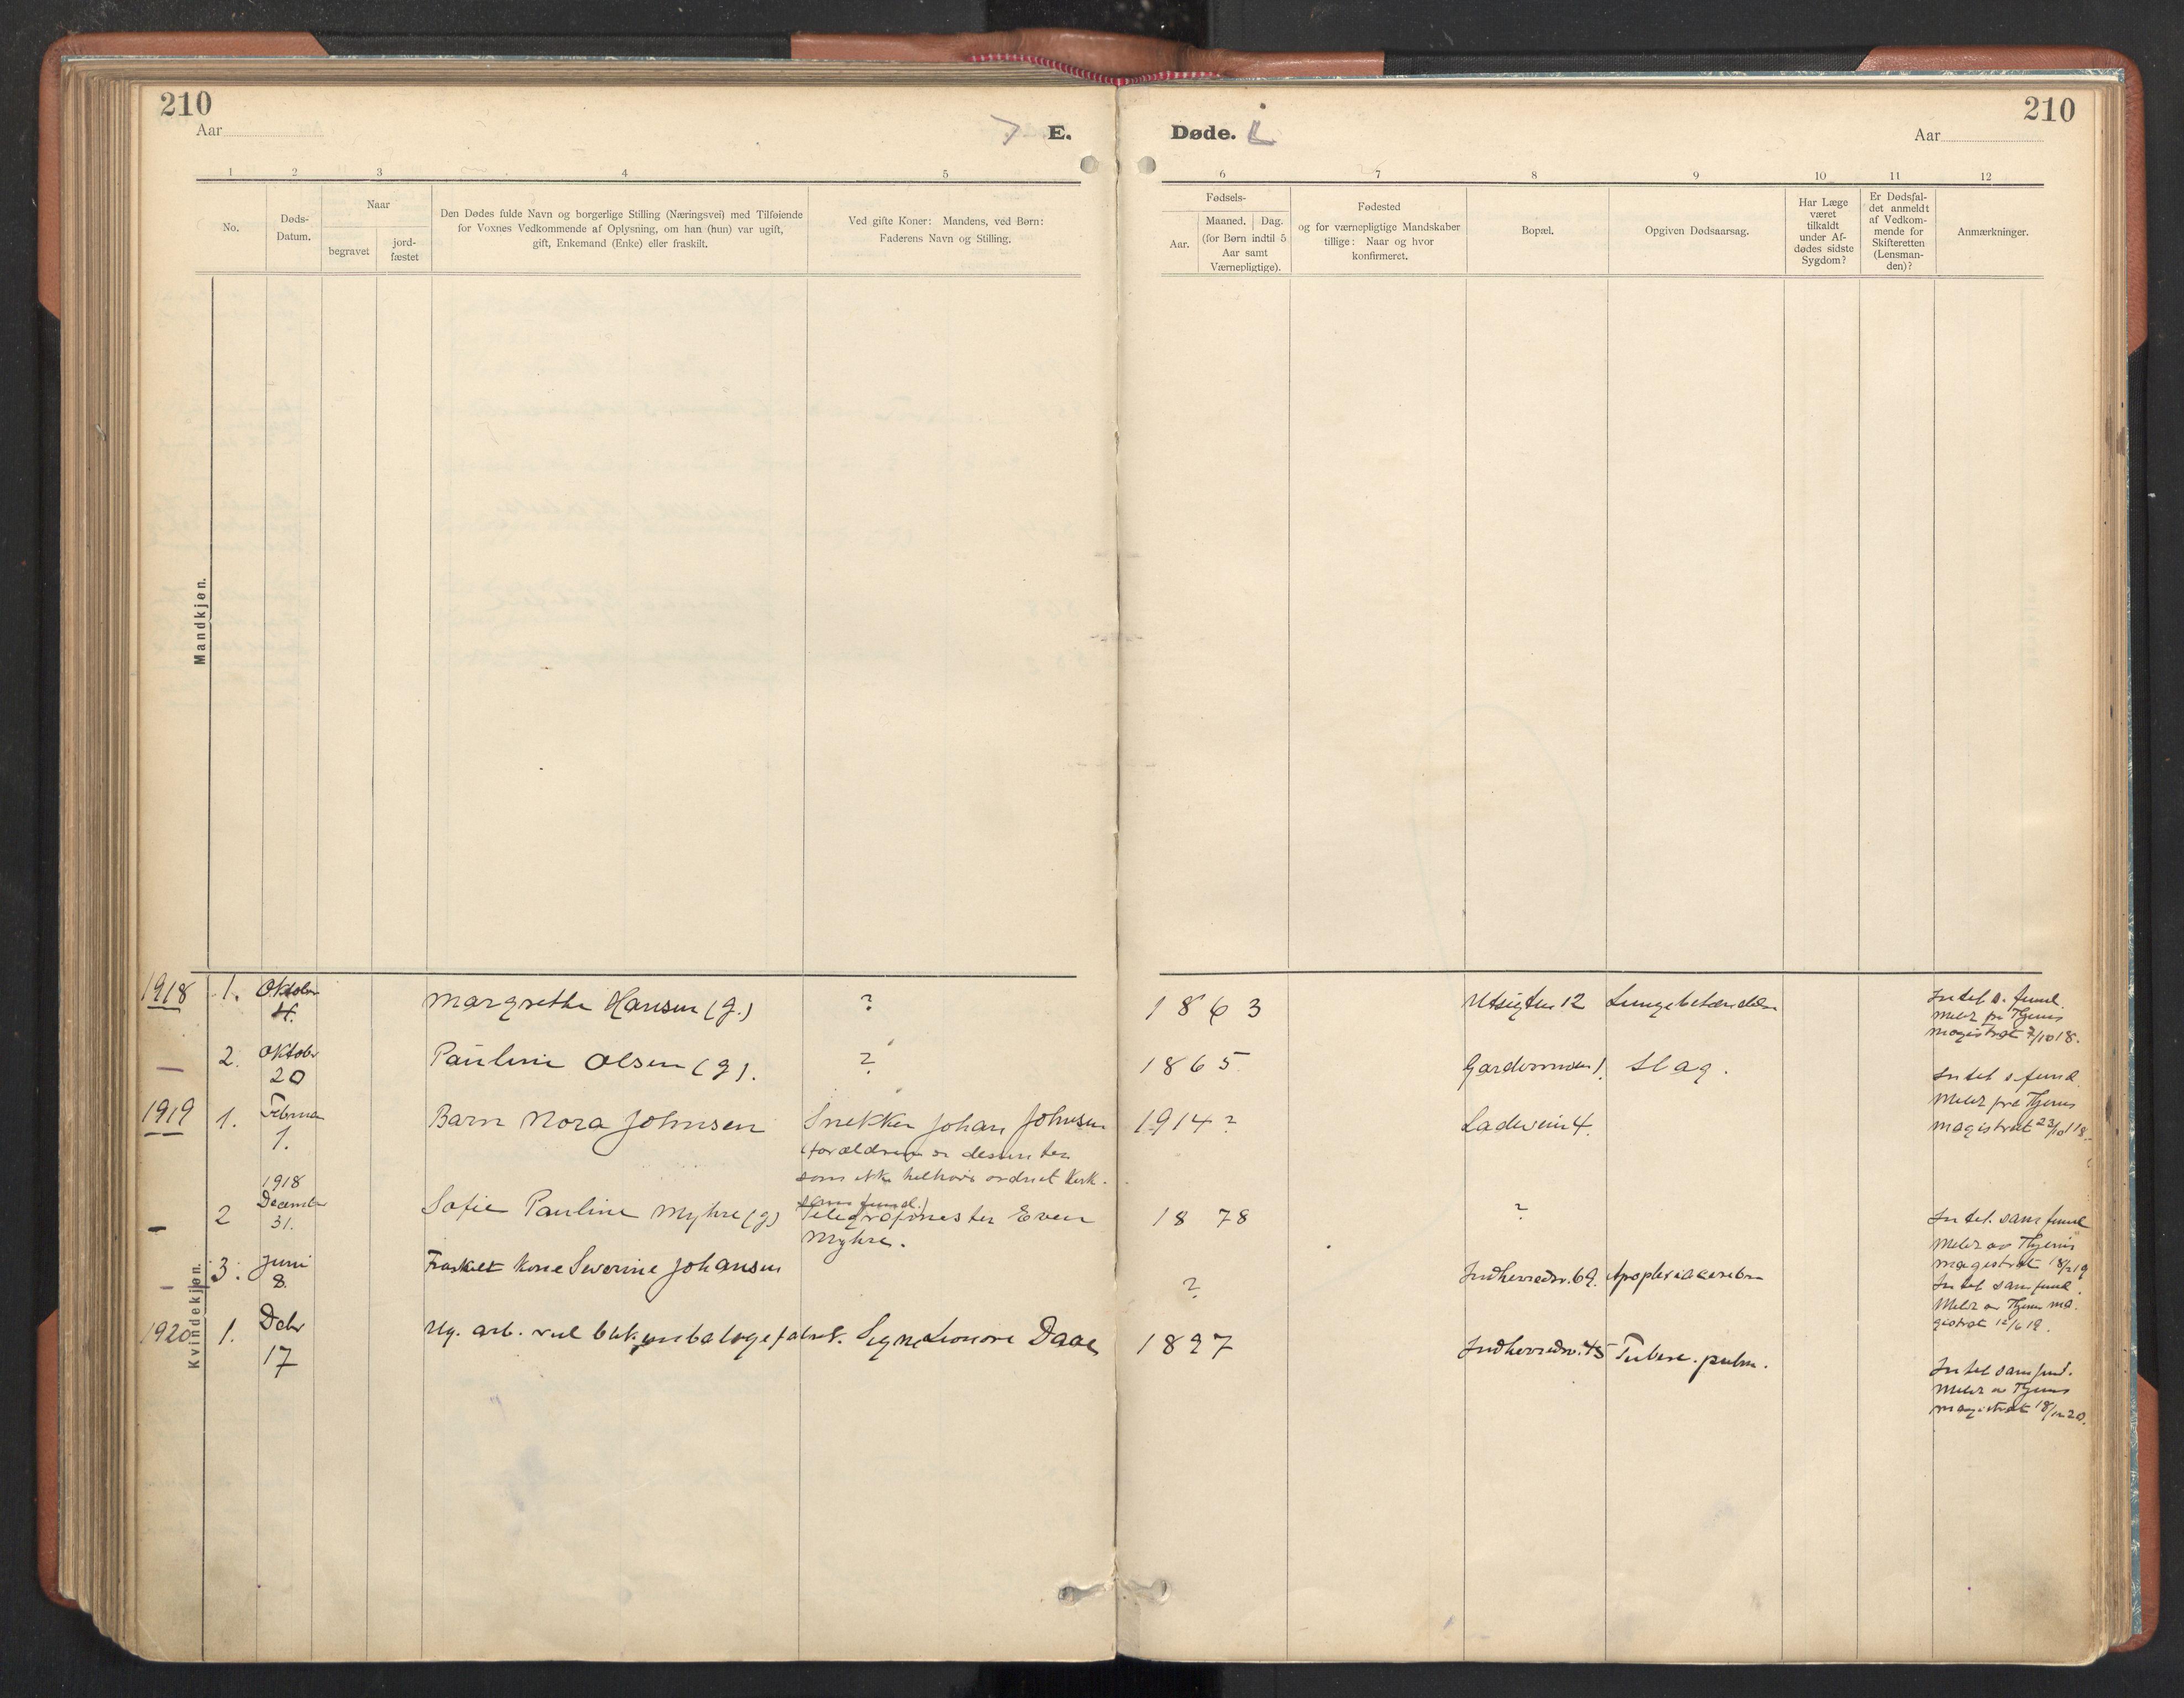 SAT, Ministerialprotokoller, klokkerbøker og fødselsregistre - Sør-Trøndelag, 605/L0244: Ministerialbok nr. 605A06, 1908-1954, s. 210